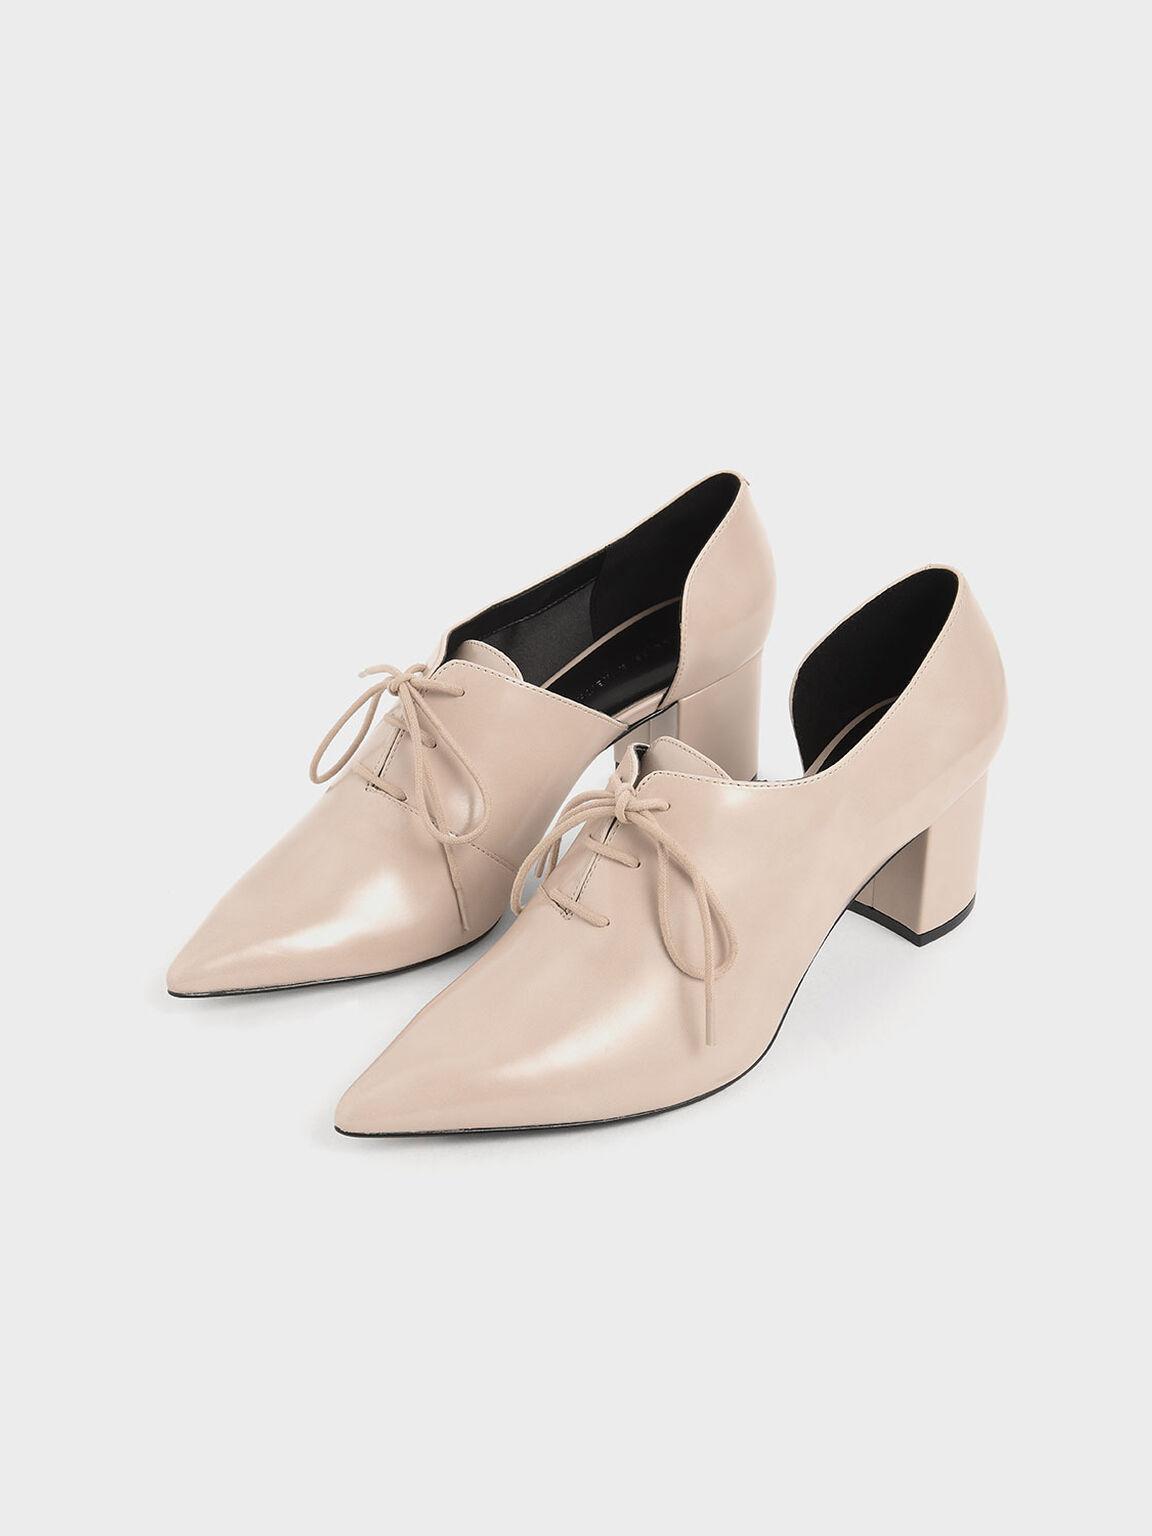 D'Orsay Oxford Block Heels, Nude, hi-res